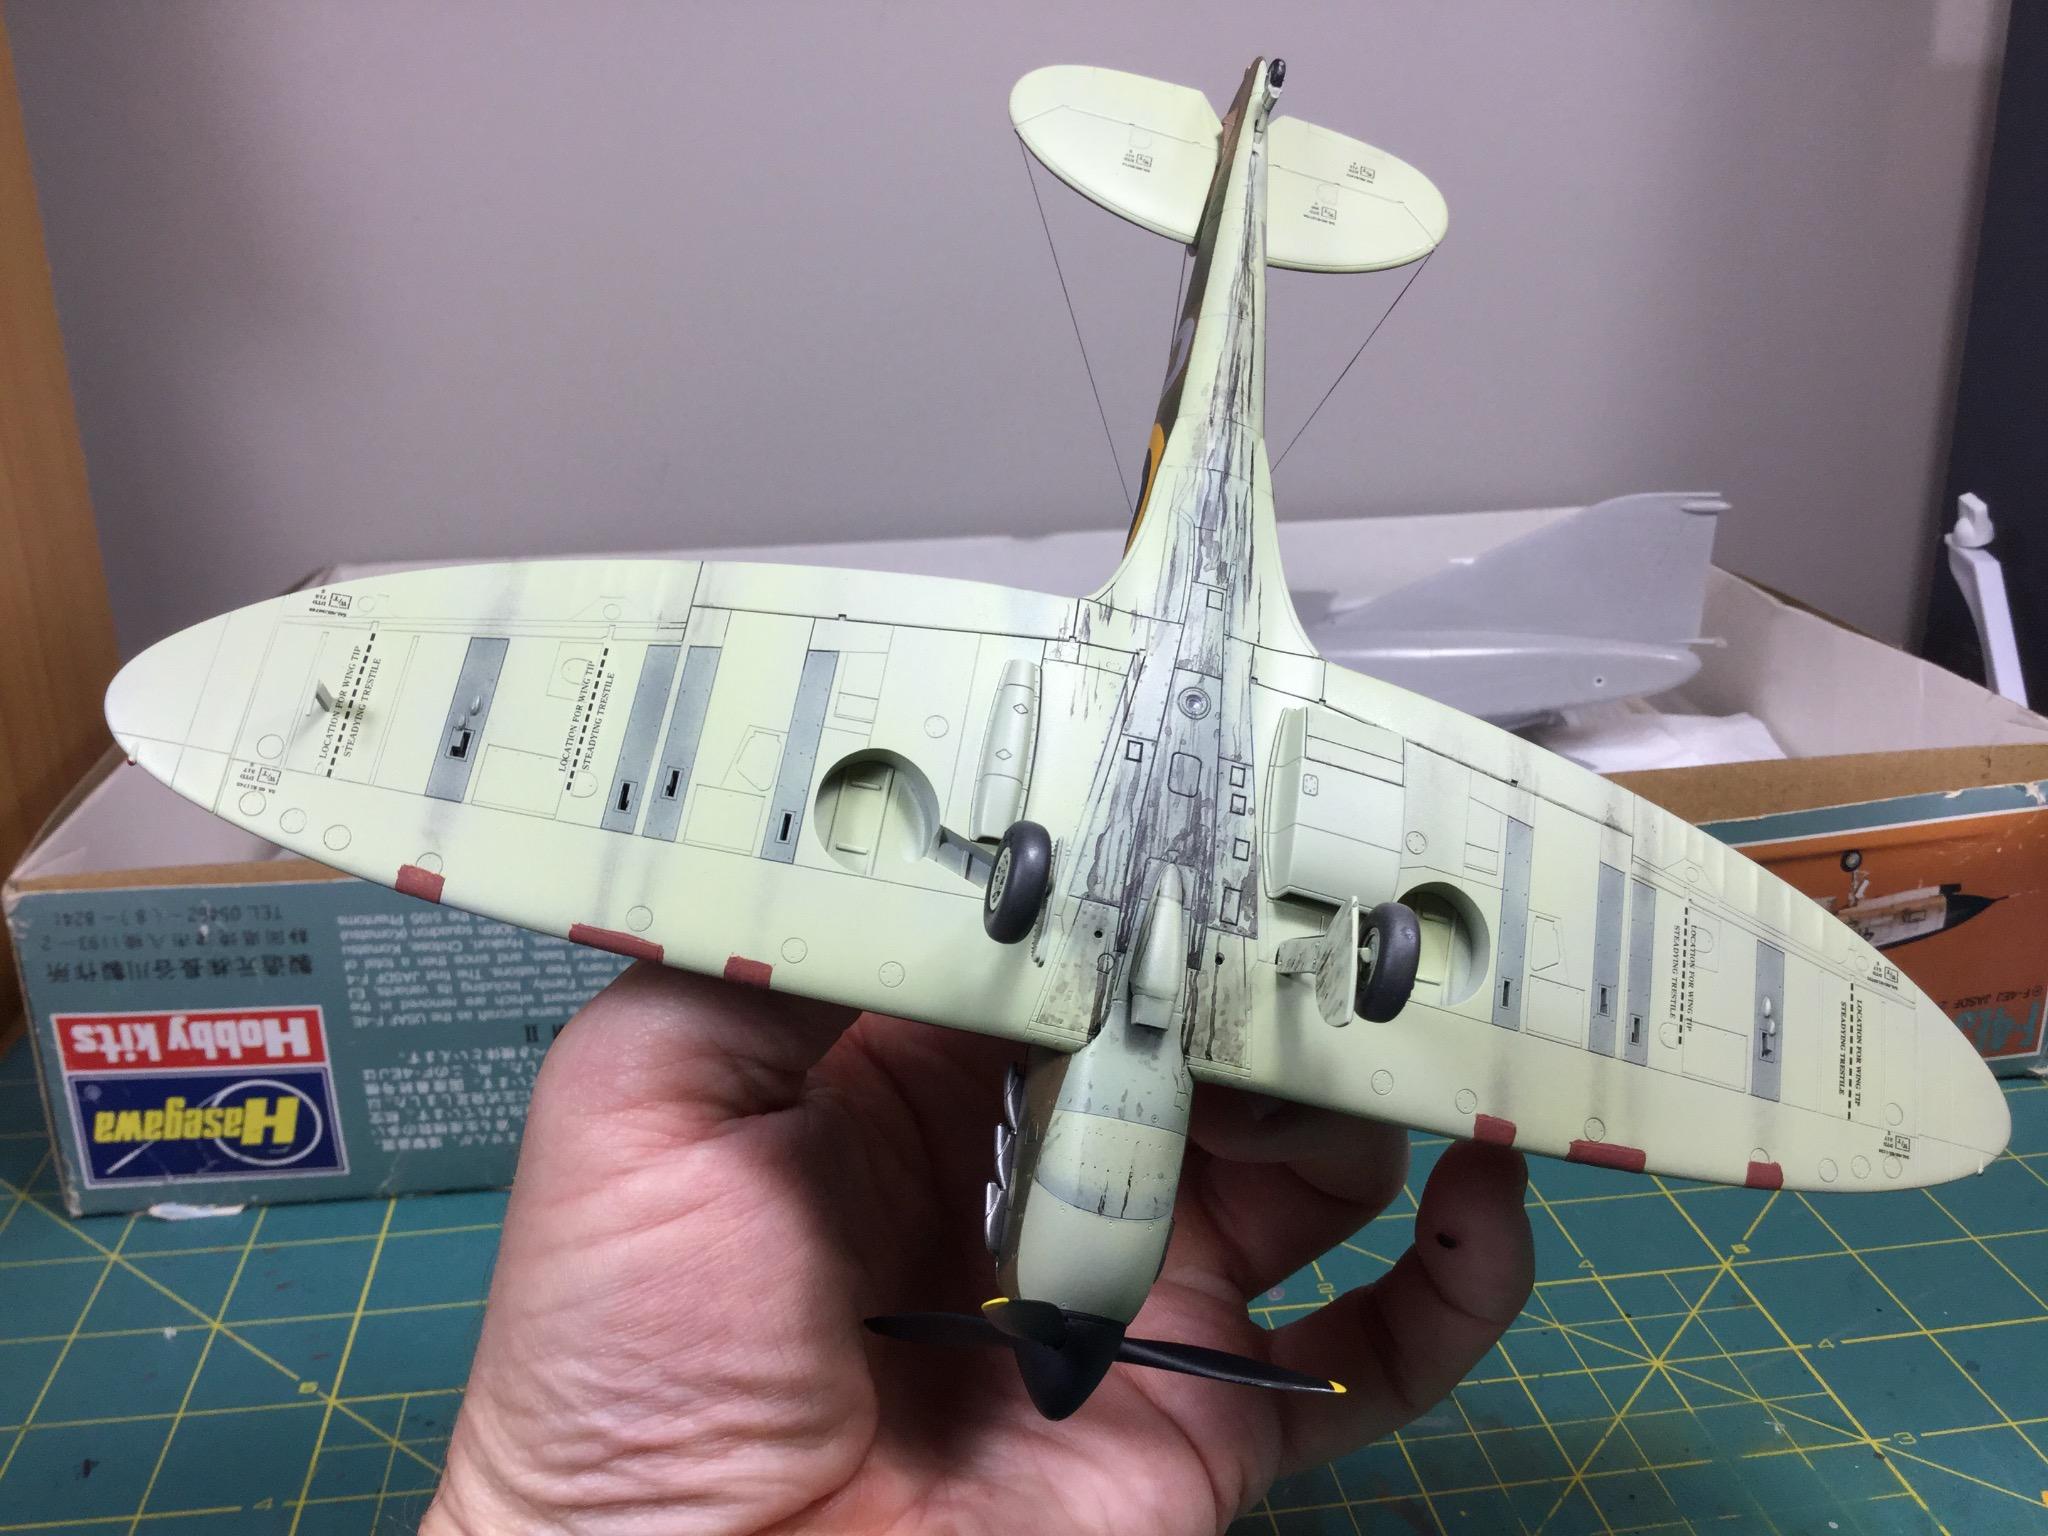 8D39435A-8EAC-4E3F-B6F3-5815D7274087.jpeg